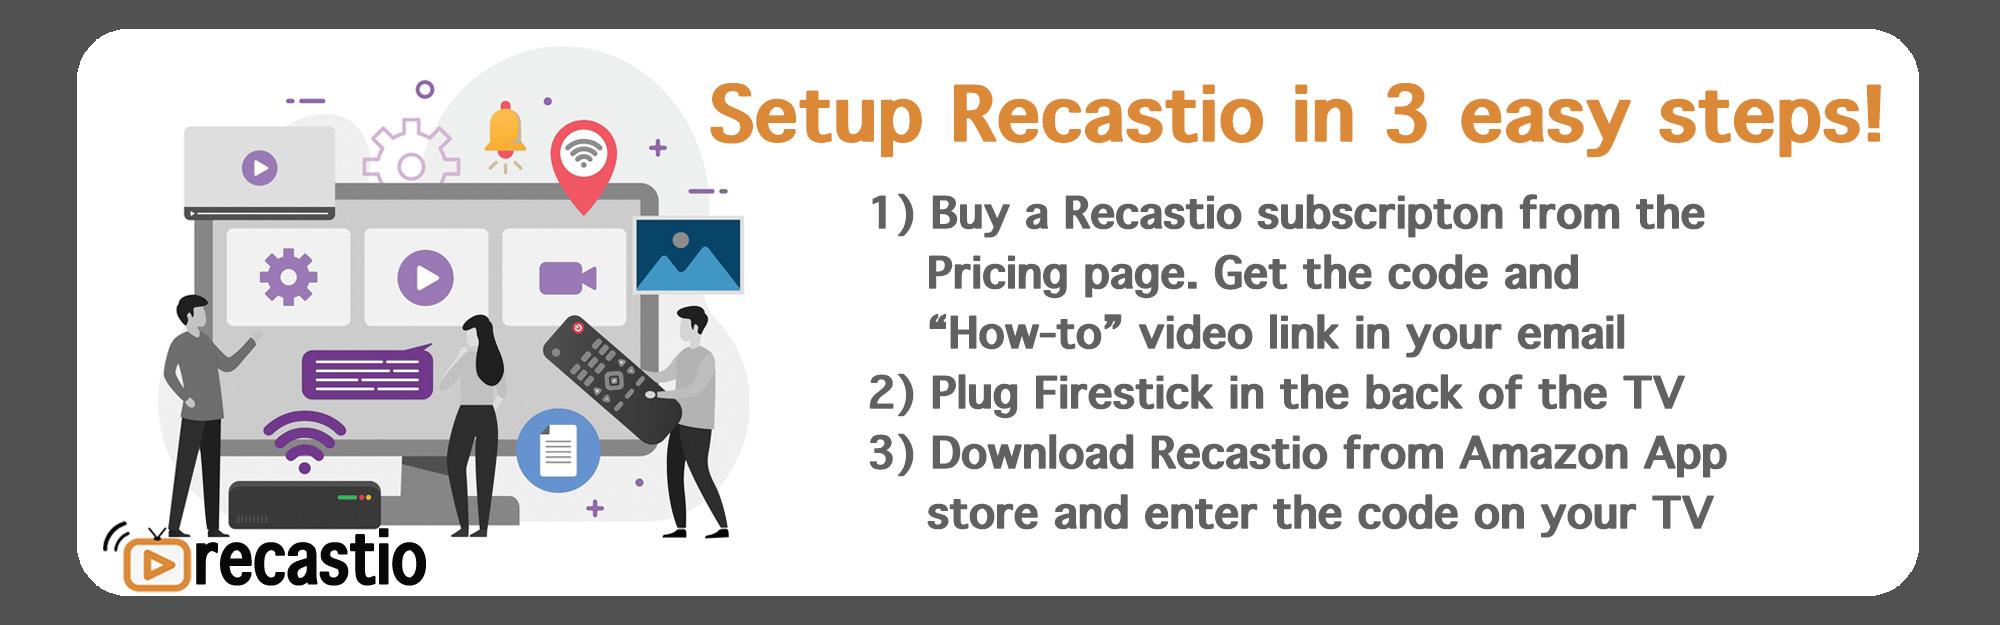 easily setup slideshow on TV